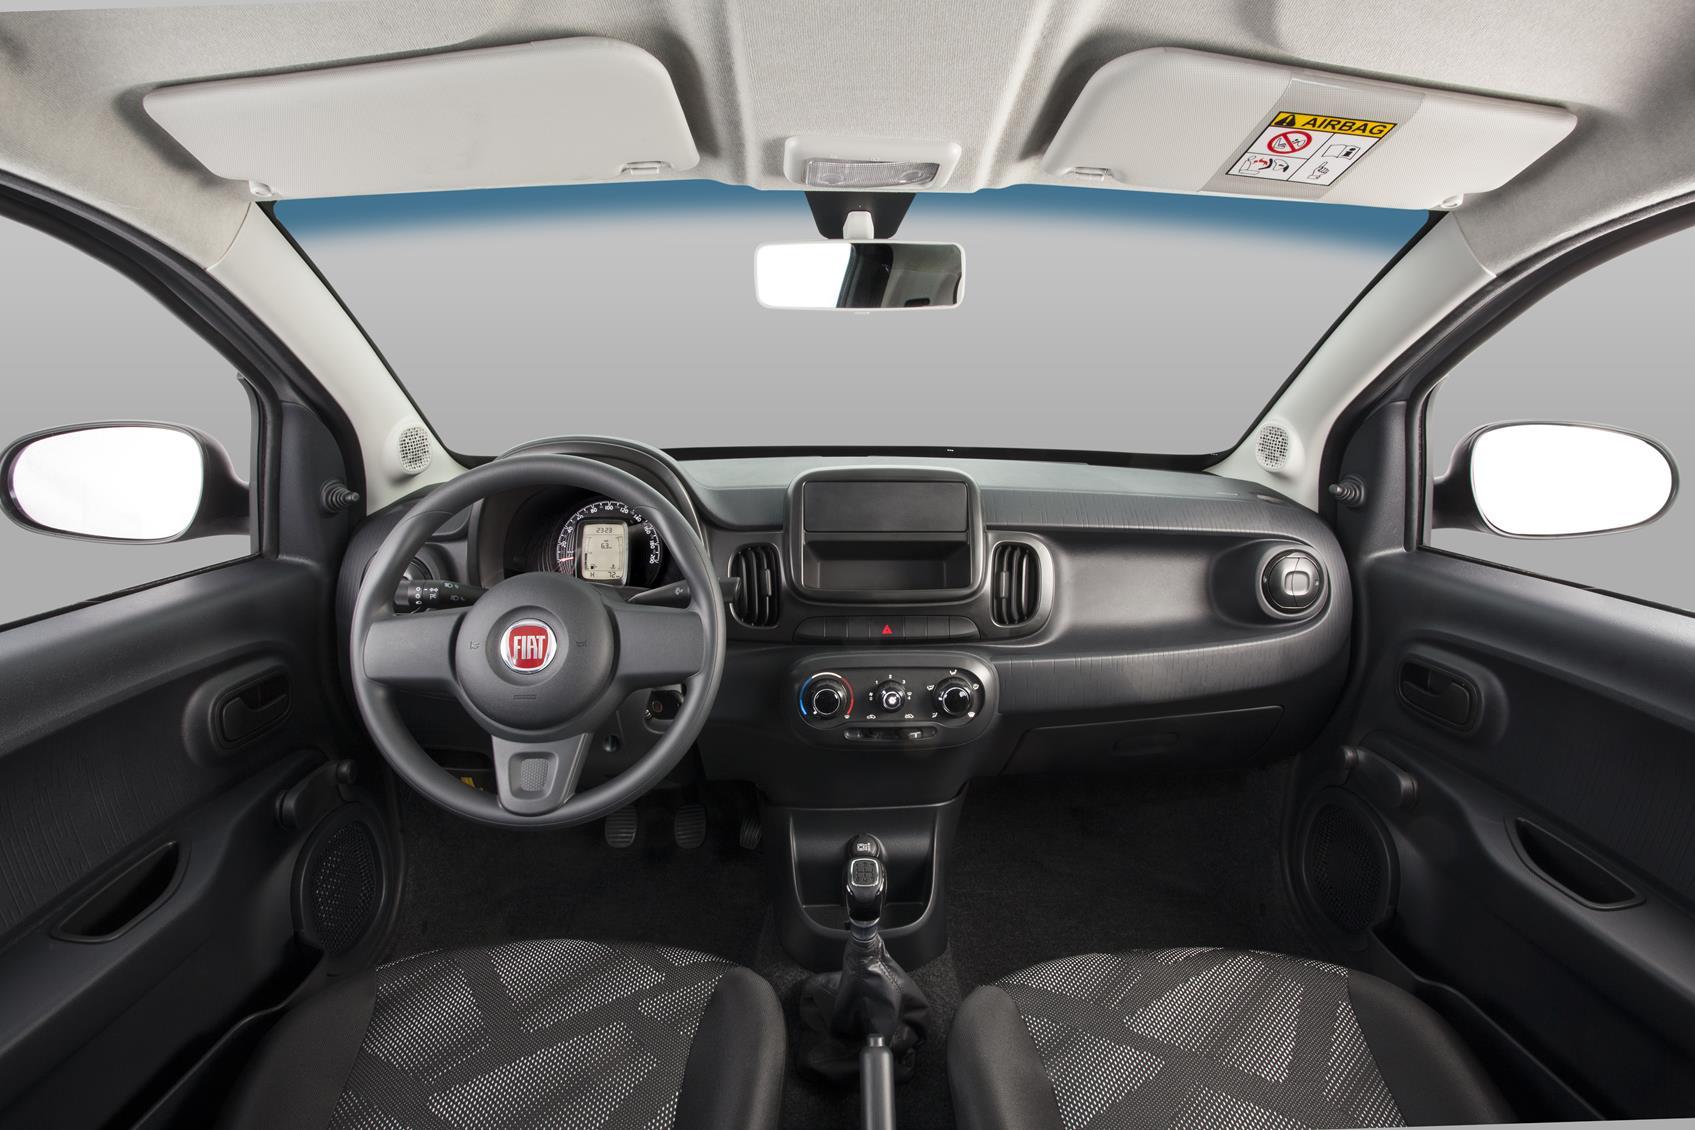 Fiat Mobi com interior simples e qualidade muito próxima dos concorrentes